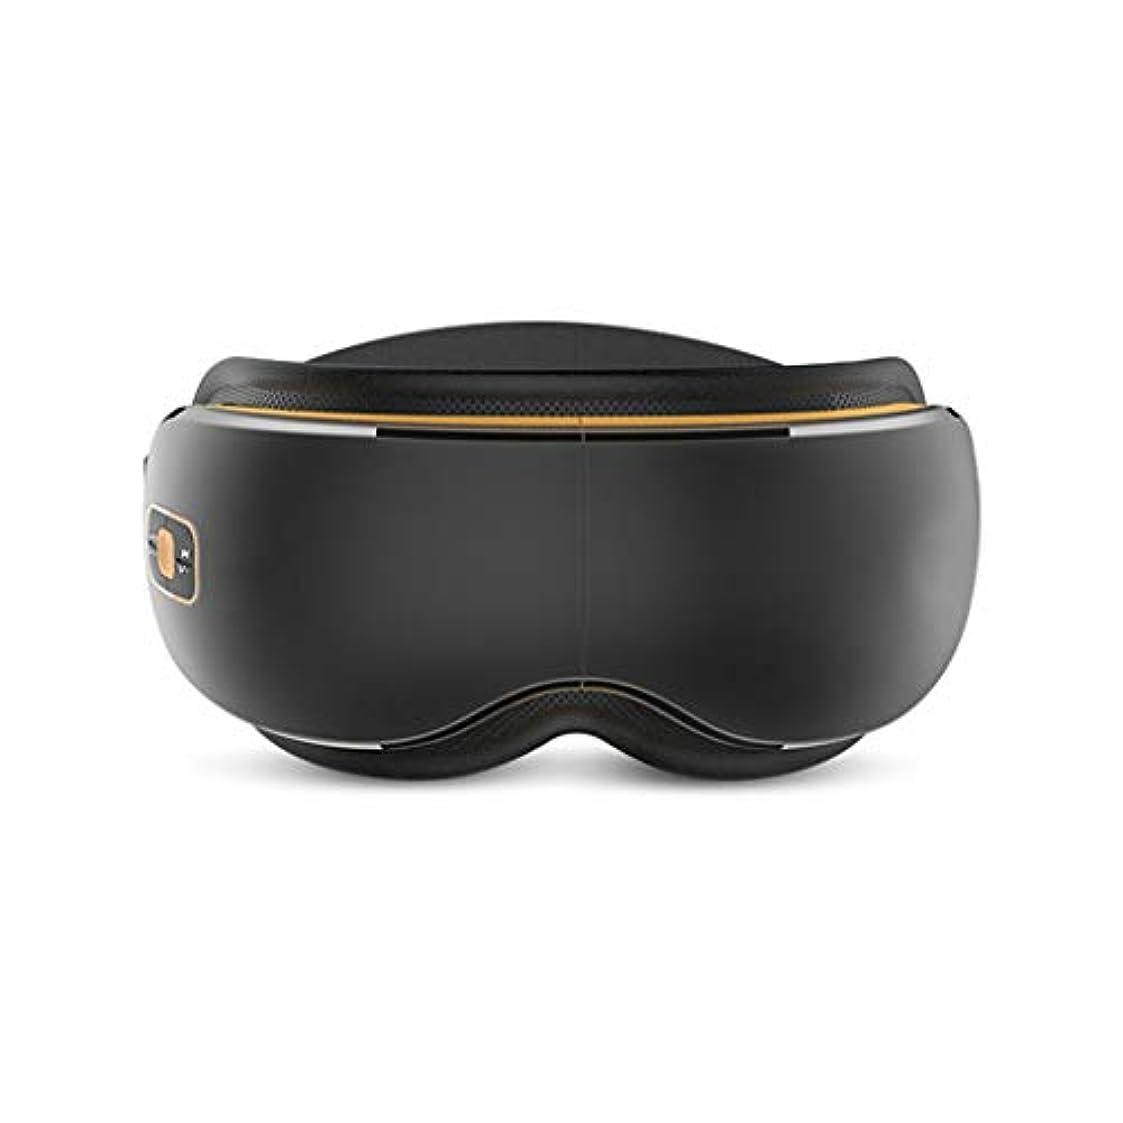 プレミア青写真くしゃみ電気アイマッサージャー振動マッサージ暖房/ラップ/音楽/空気圧縮4つのモードで目をリラックスさせて暗い円を減らし、睡眠を改善するためのヘッドプレッシャーを緩和